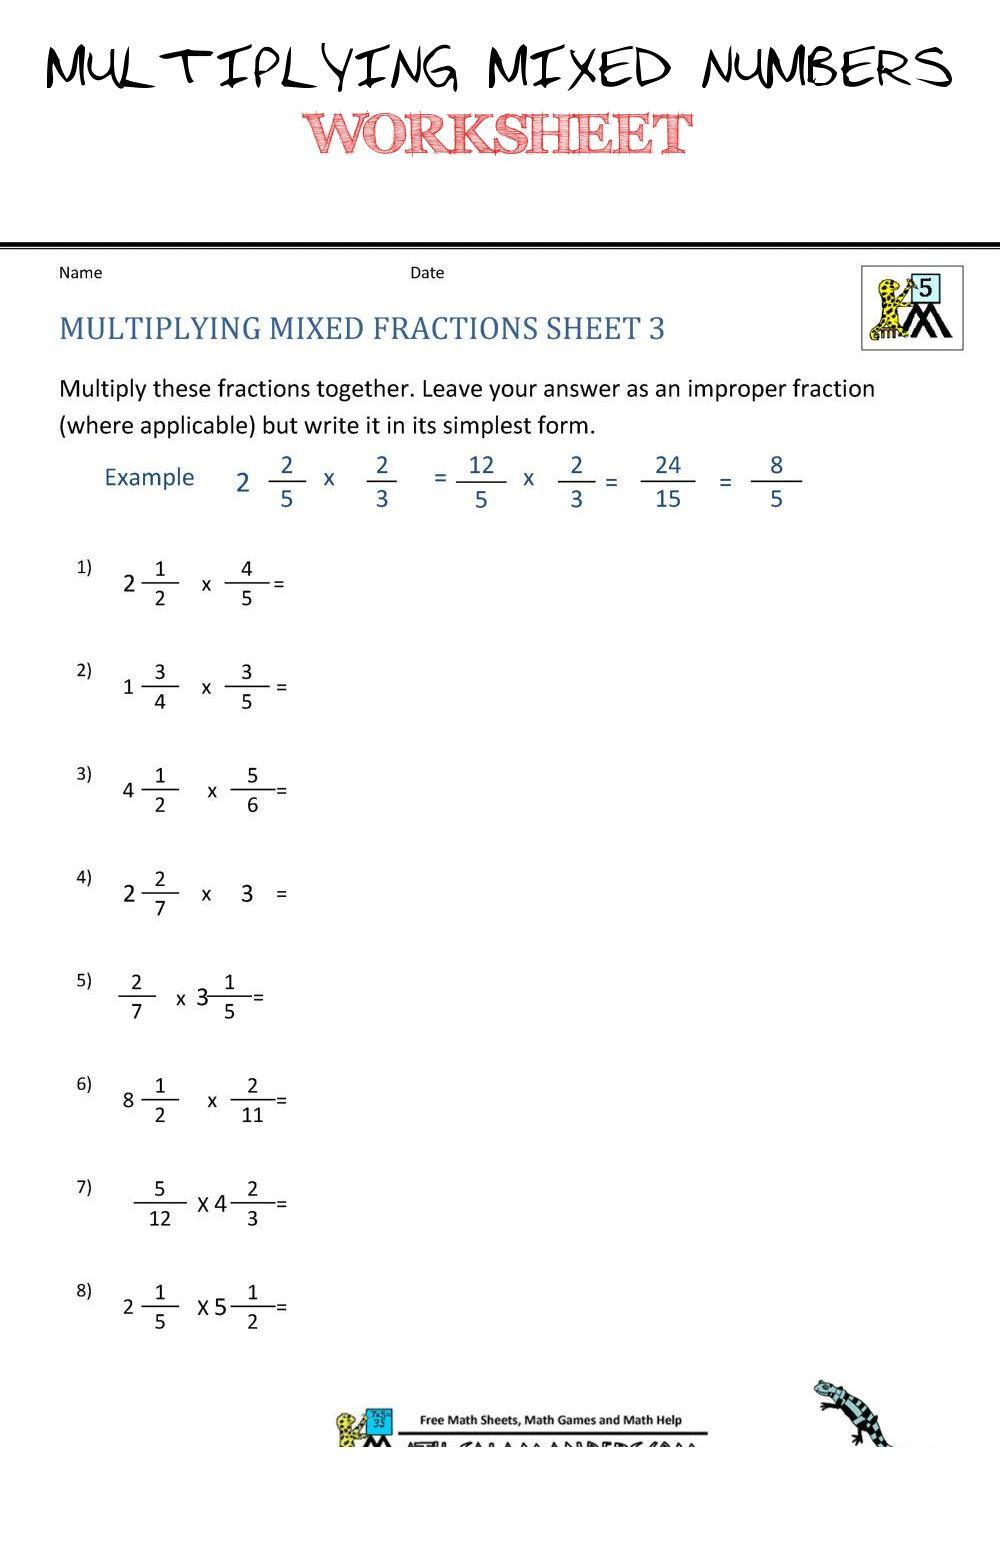 Multiplying Mixed Numbers Worksheet Multiplying Mixed Numbers Worksheet 3 Multiplying Mixed